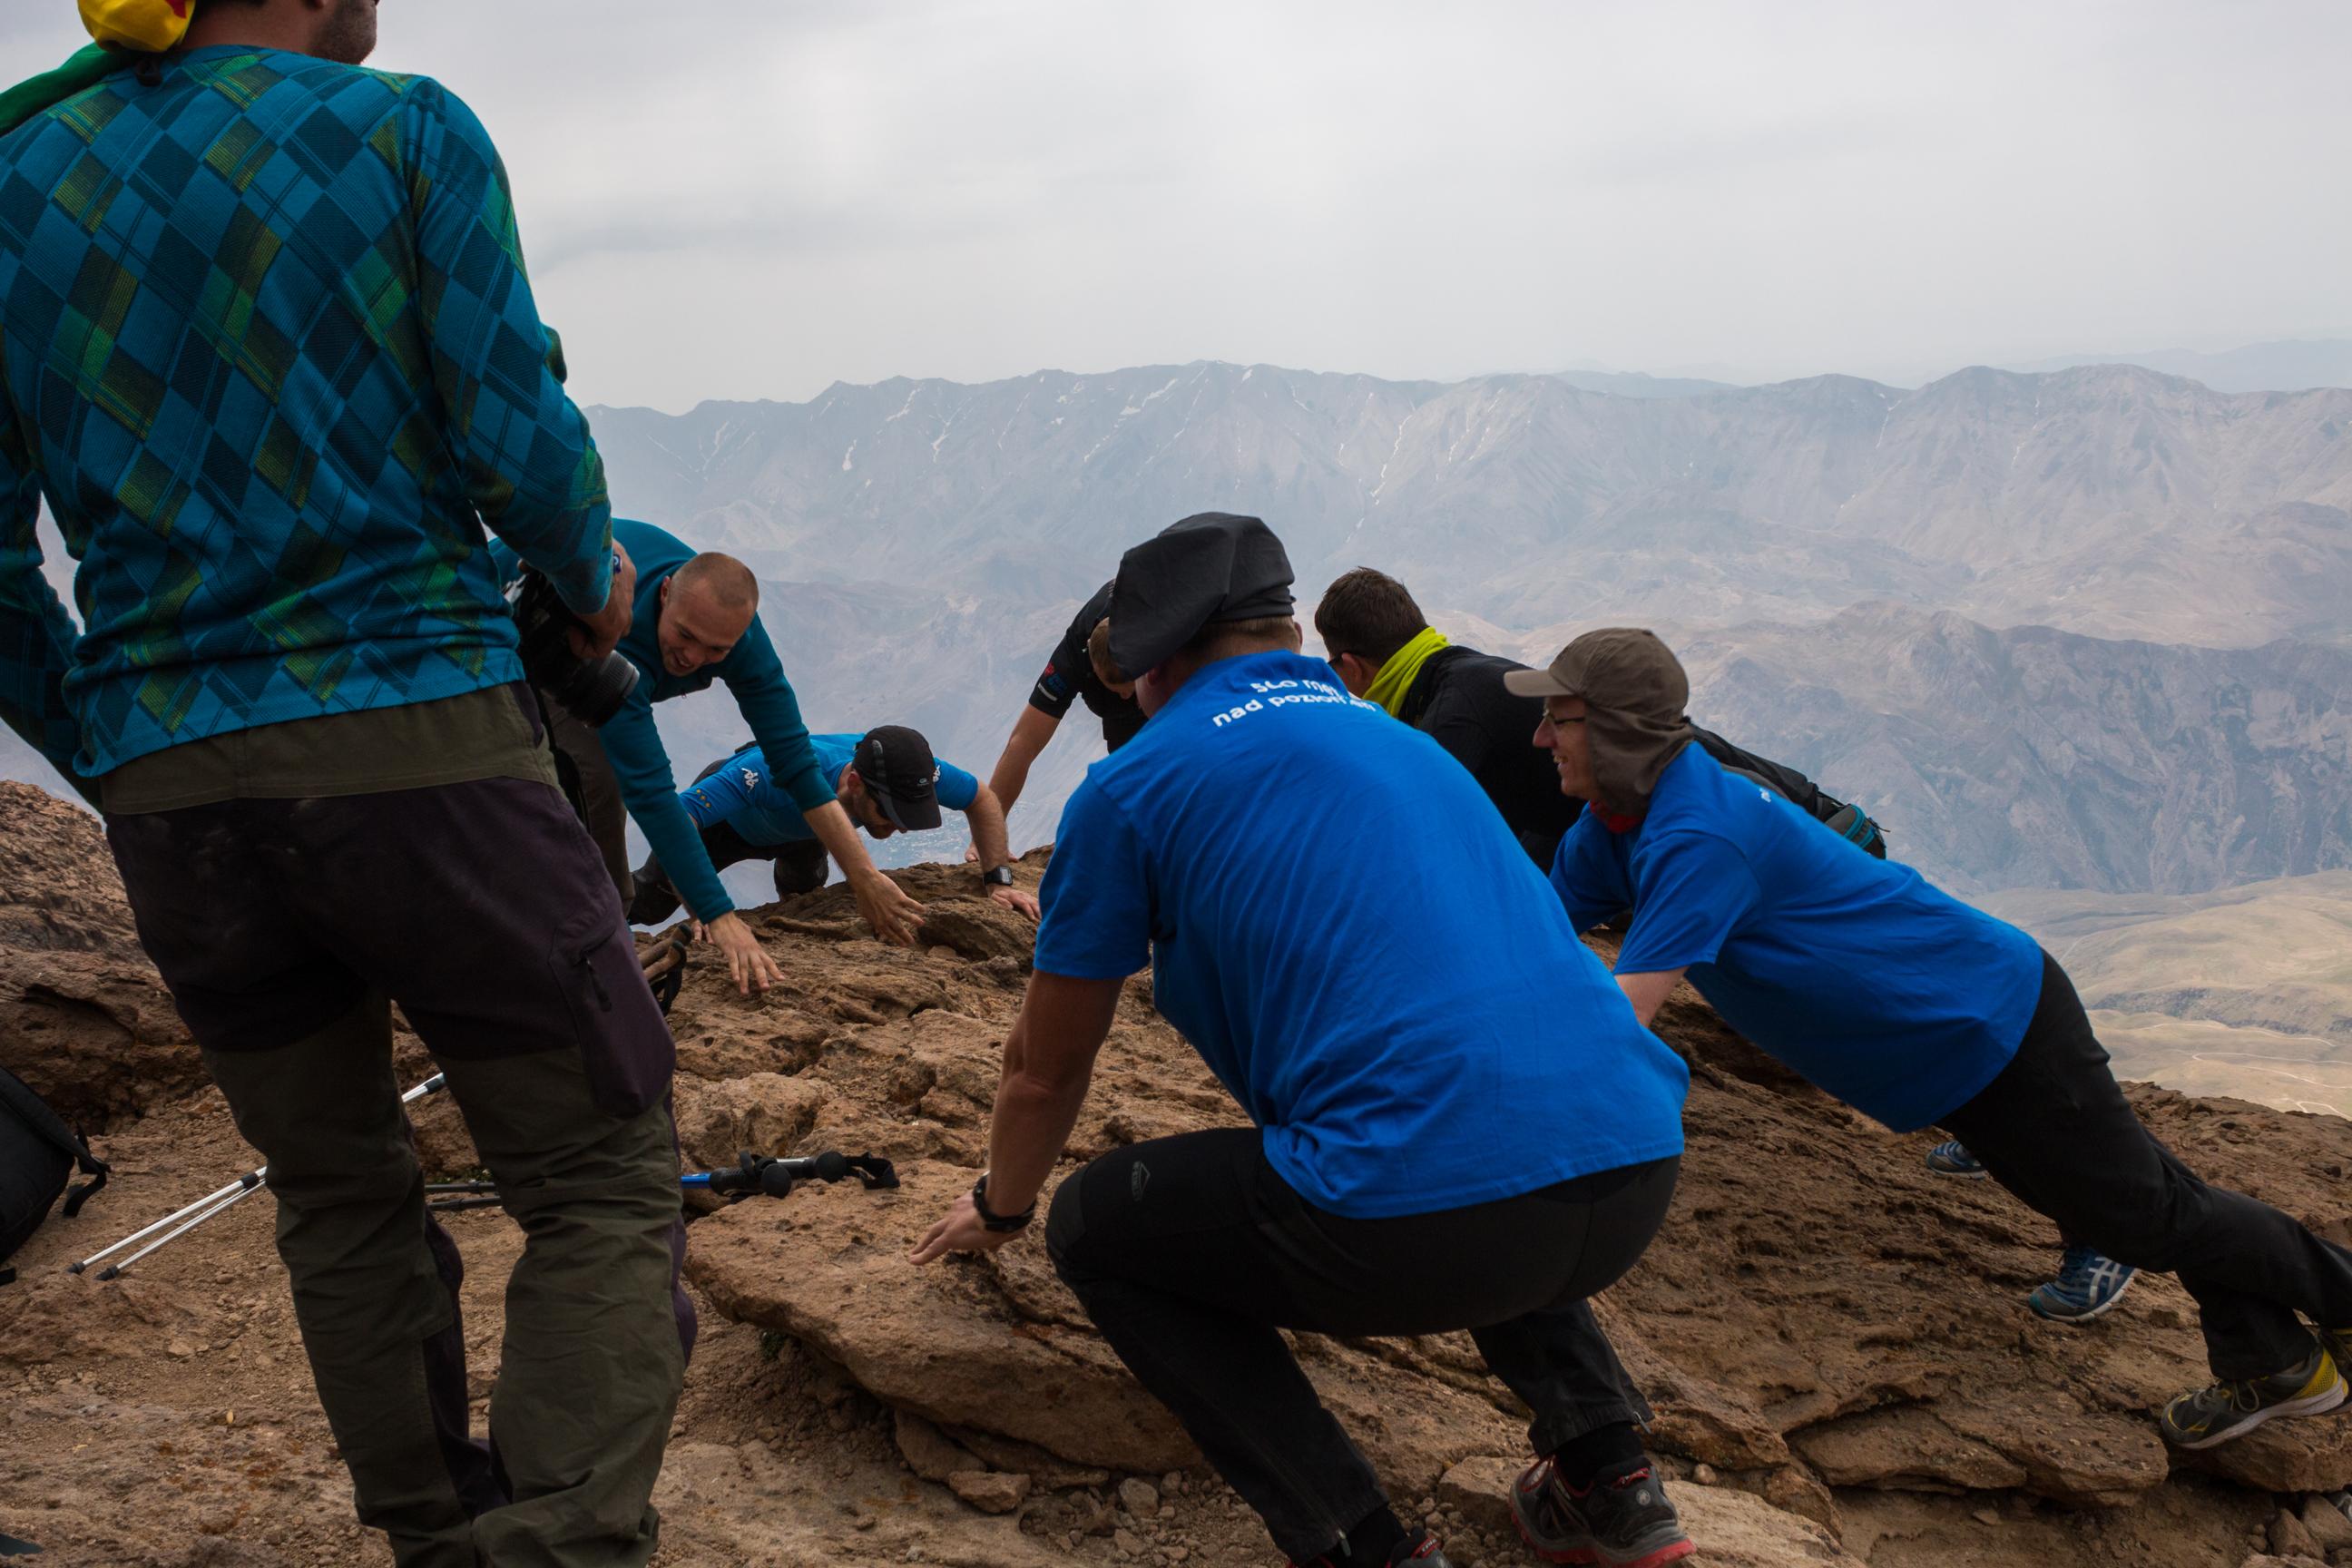 12 pompek na wysokości 4500 m n.p.m., to JEST wyczyn! :)